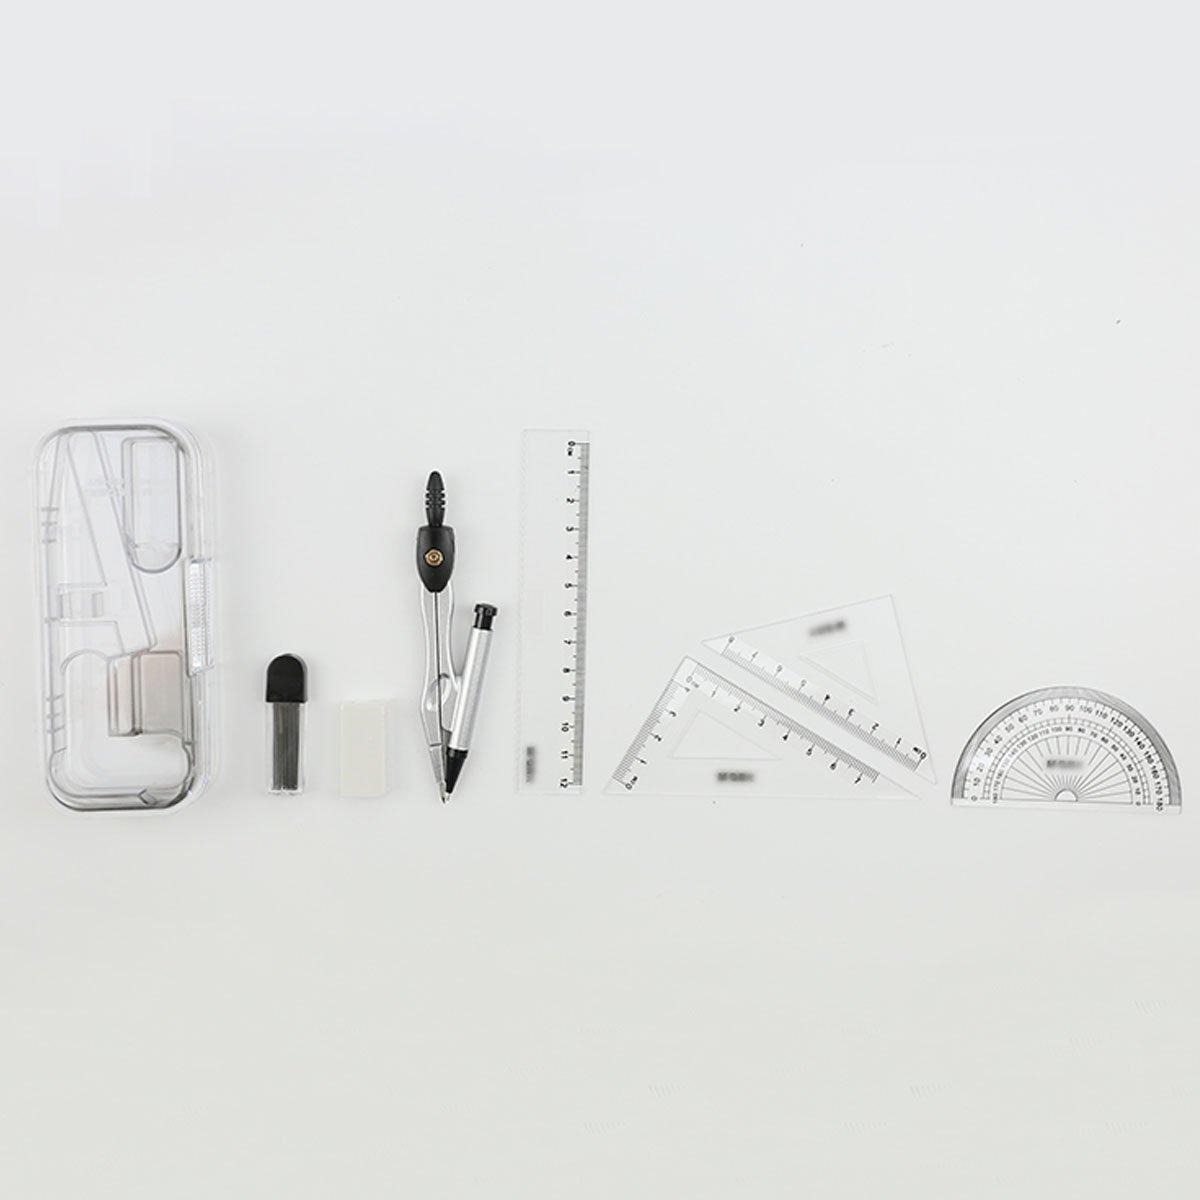 La Haute dibujo brújula geometría herramientas - juego de dibujo ...